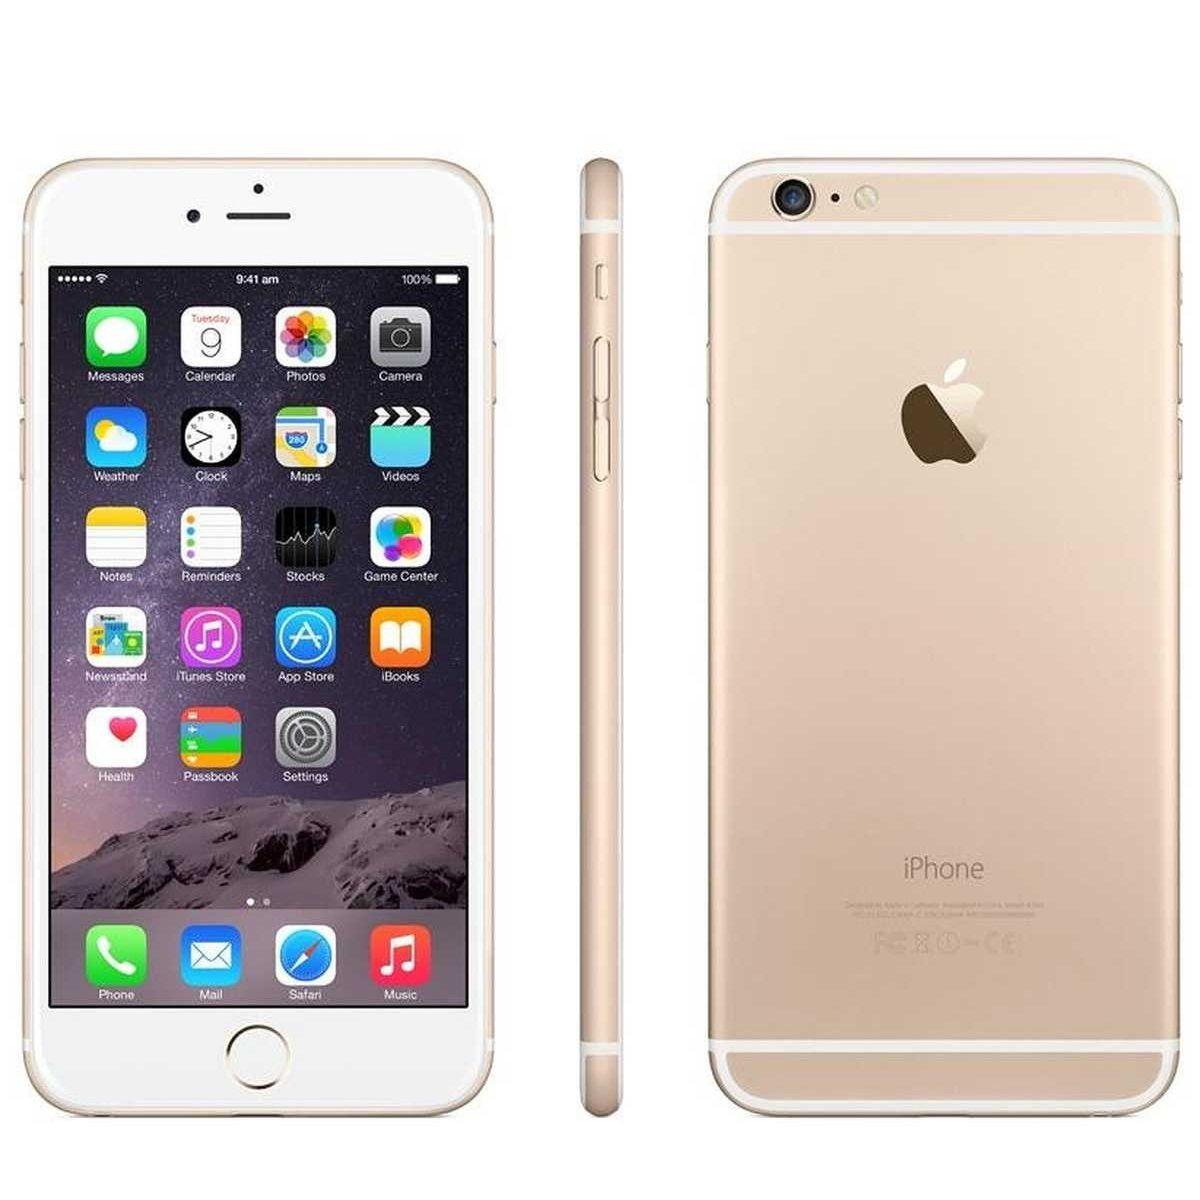 Купить iPhone 6 с доставкой, лучшая цена айфон 6 в интернет магазине